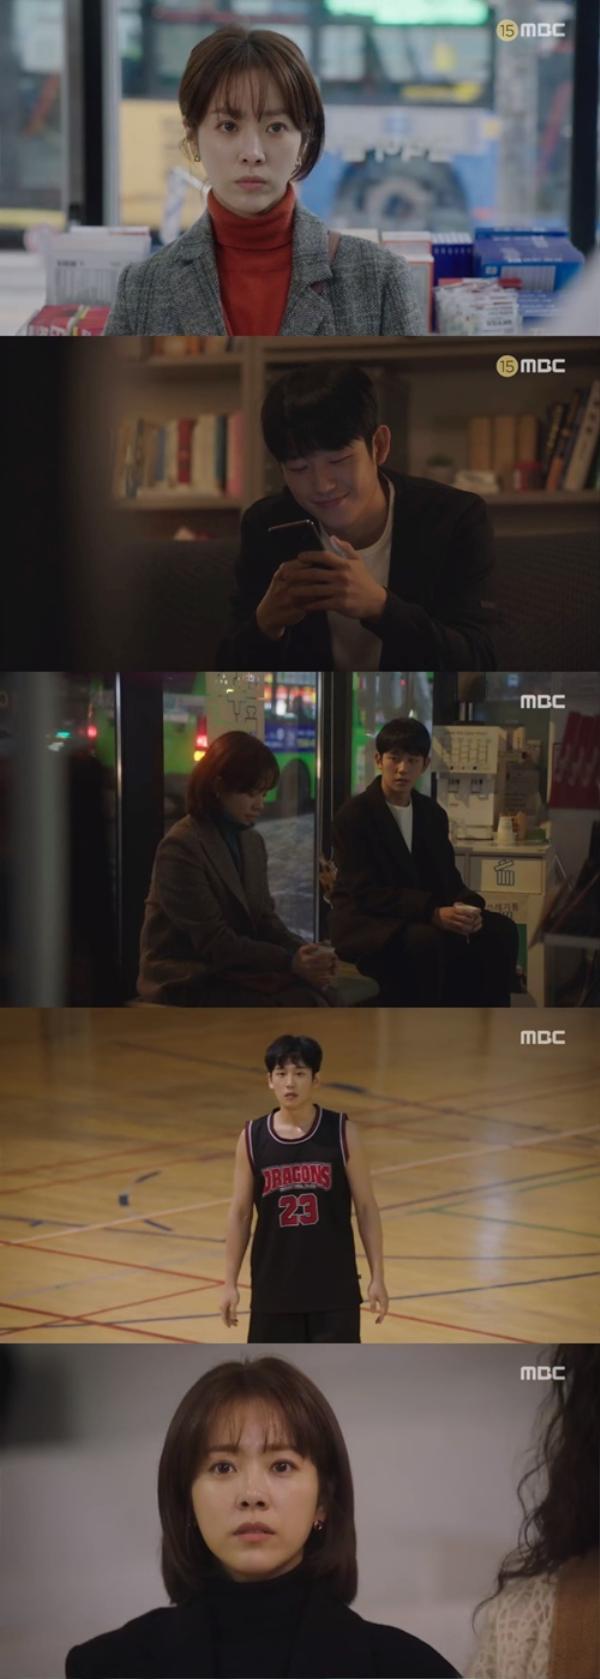 K-net nói gì về Đêm xuân của Han Ji Min và Jung Hae In, liệu có giống Chị đẹp mua cơm ngon cho tôi? ảnh 1